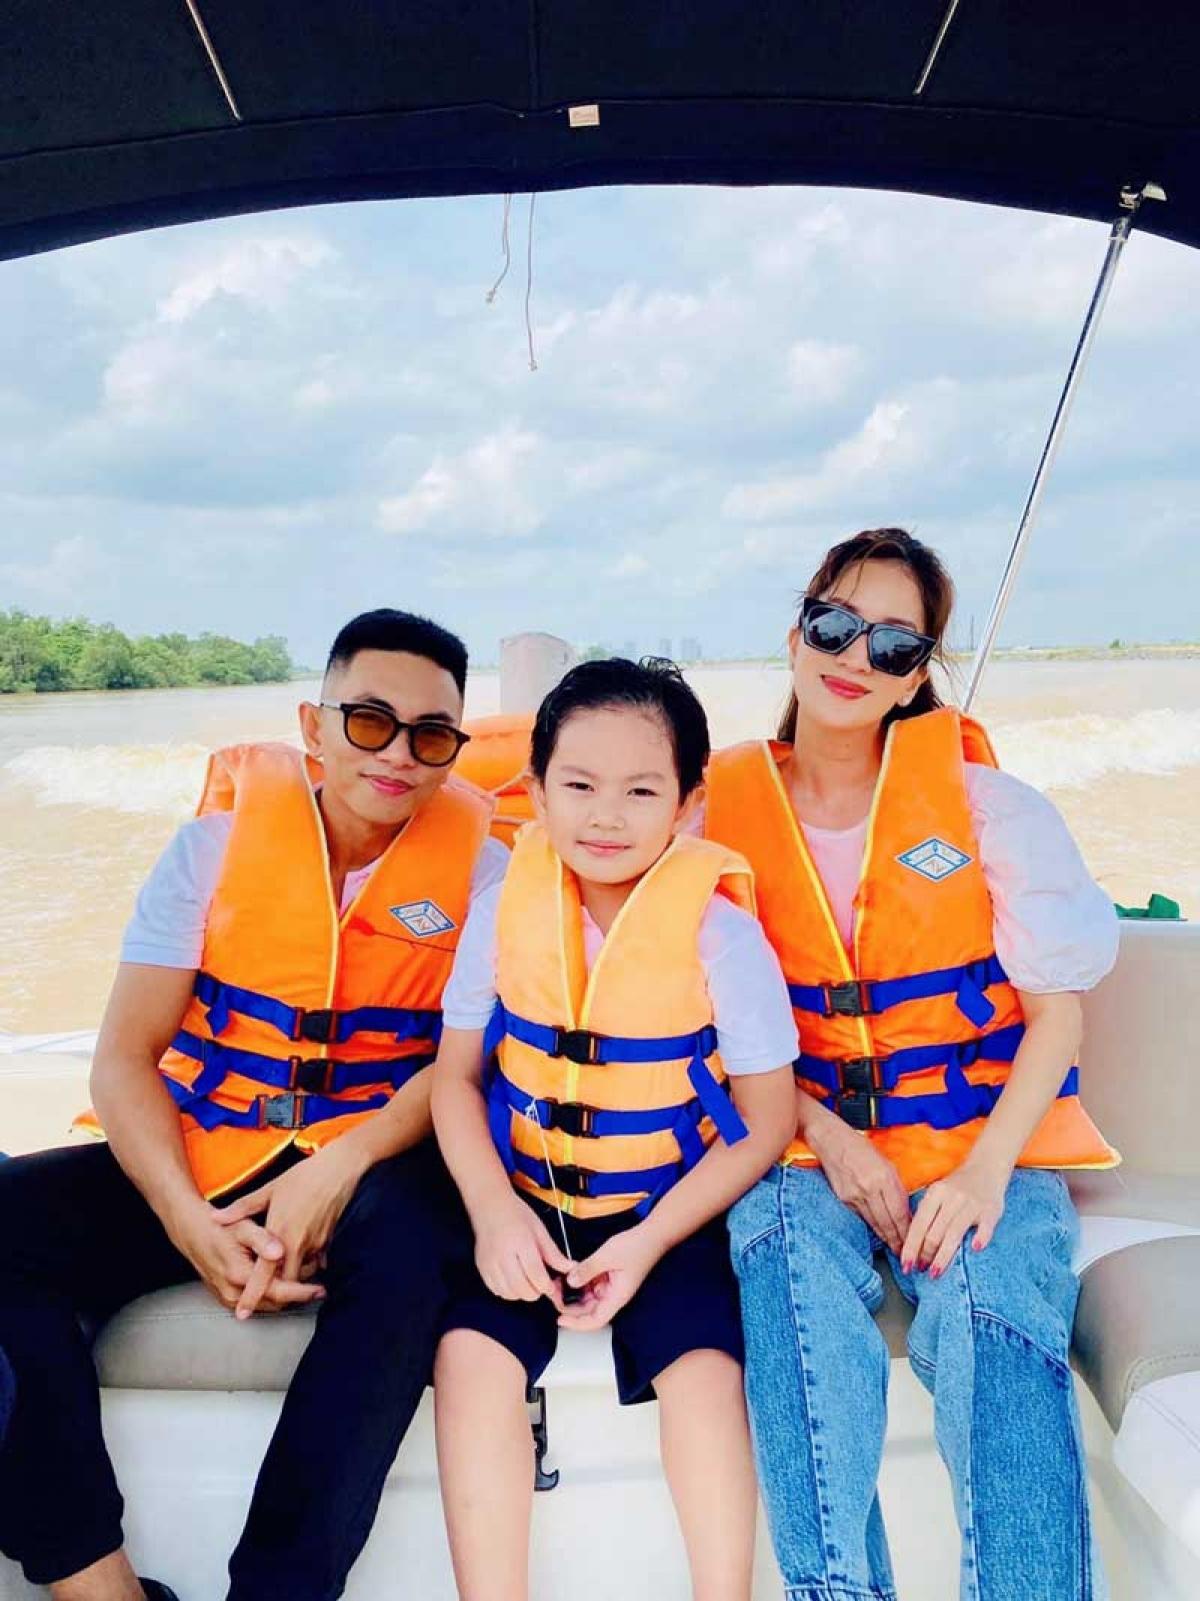 Trong chuyến đi, gia đình Khánh Thi đã thích thú tham quan dự án bằng cano để được tận hưởng cảnh sắc thiên nhiên sinh thái ven sông Đồng Nai.